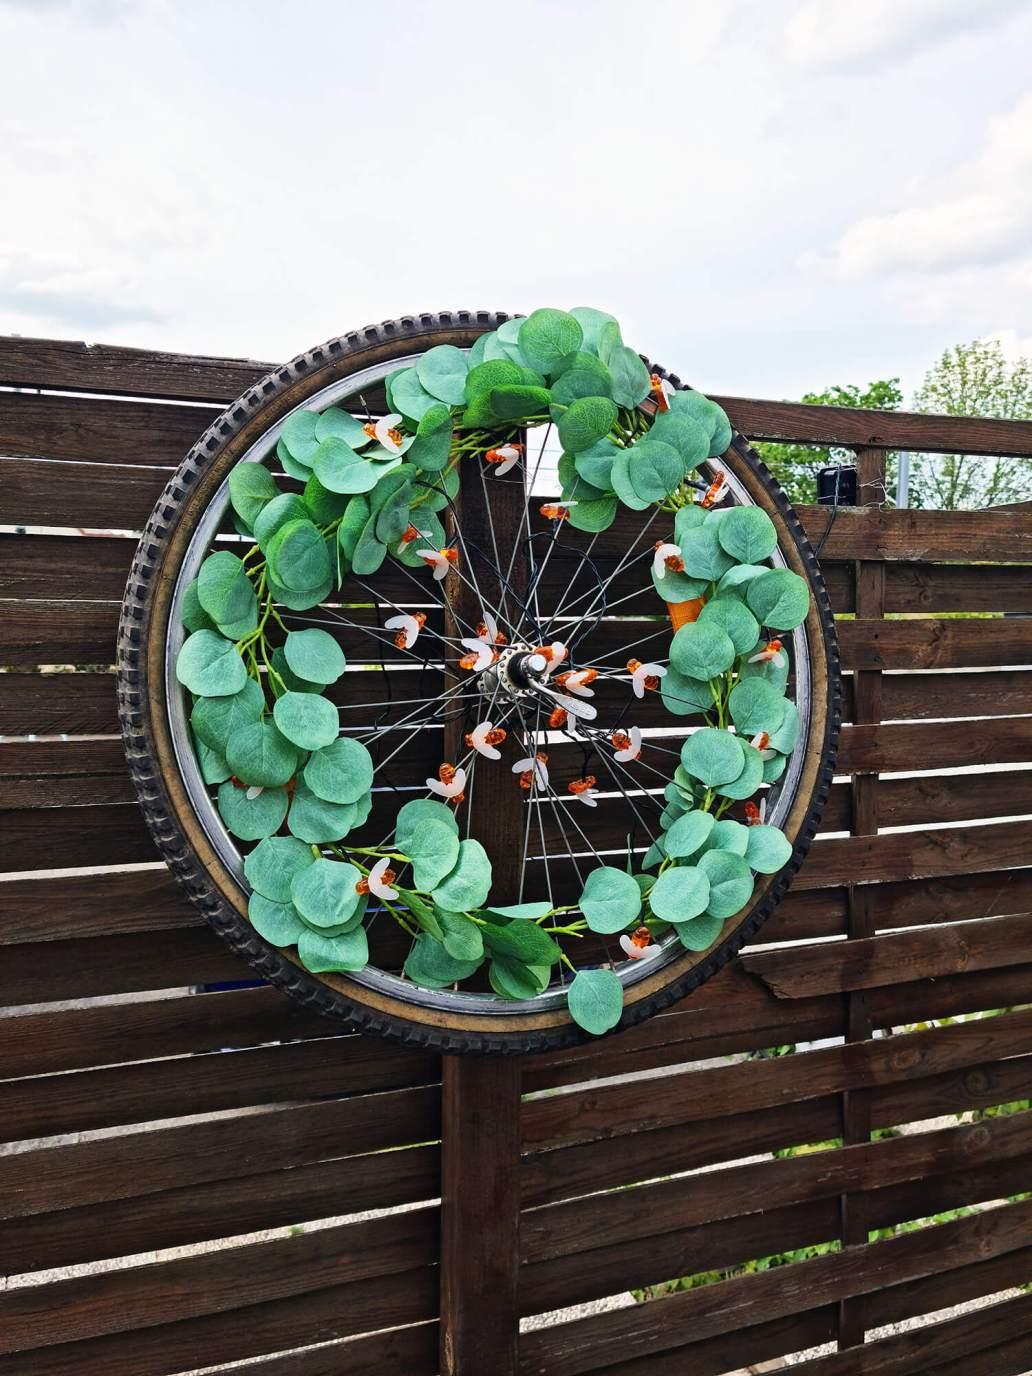 20210507 174840 - DIY extérieur : fabriquer une décoration de jardin avec une roue de vélo